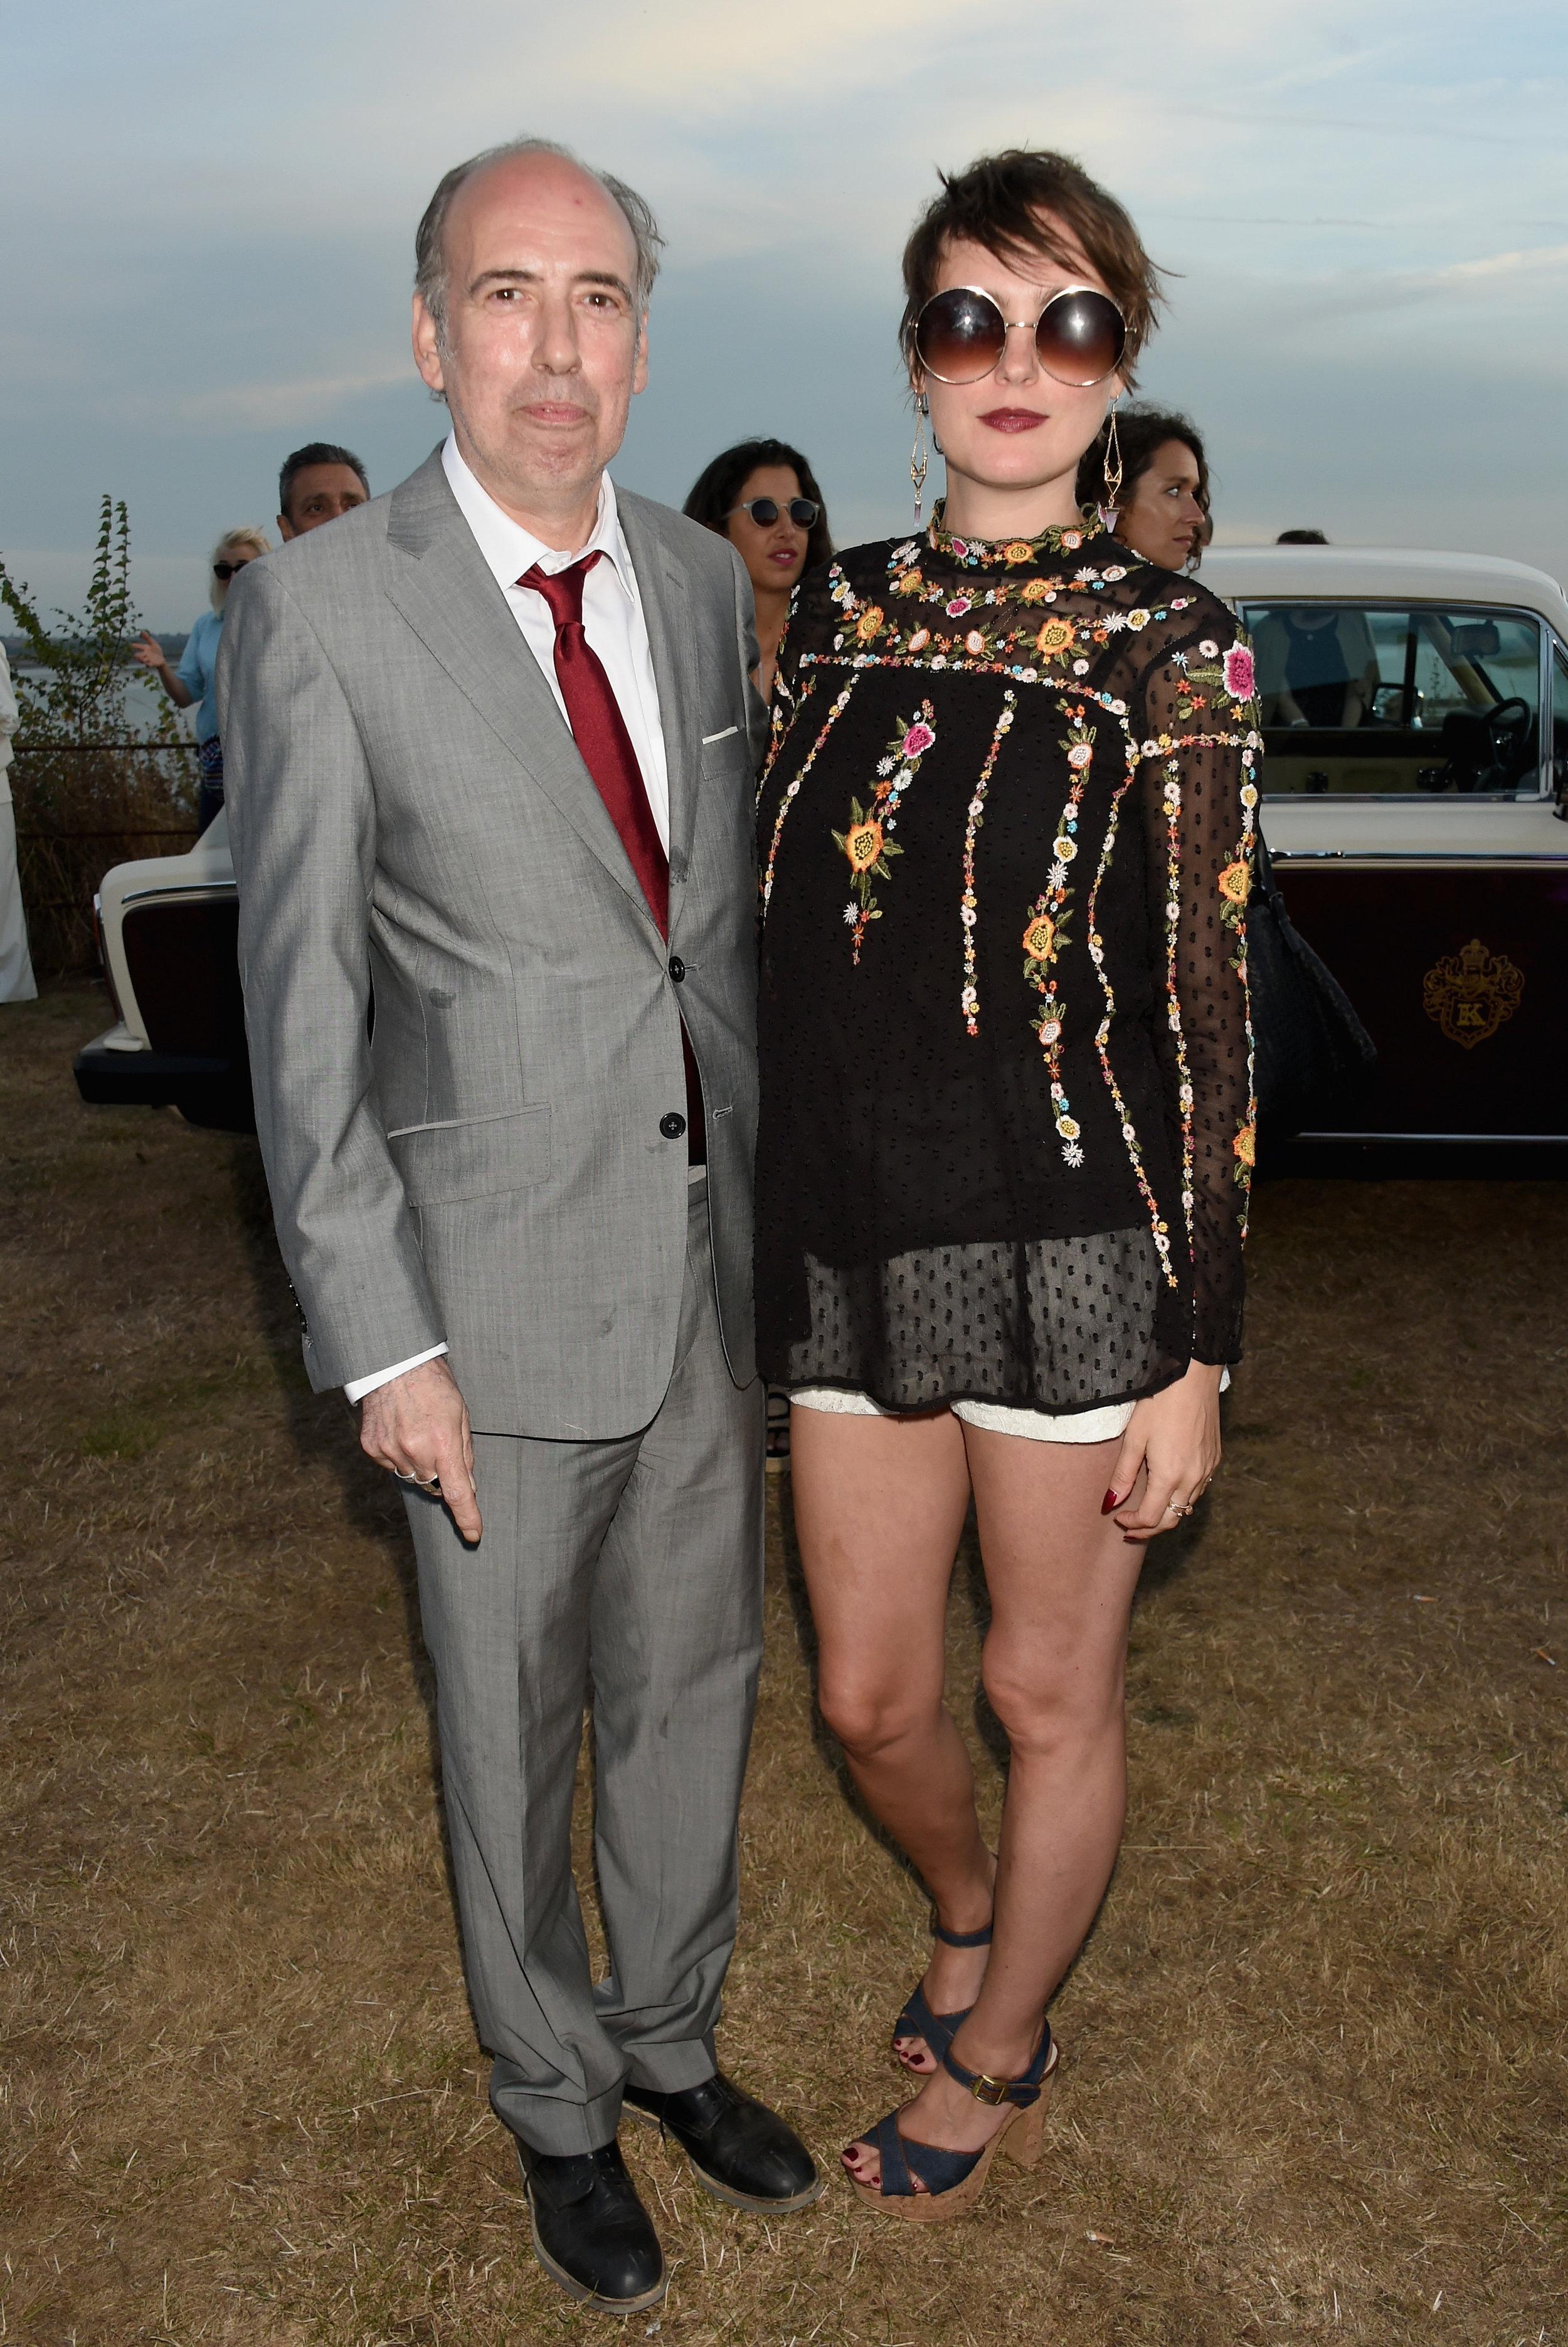 Mick Jones and his daughter Lauren